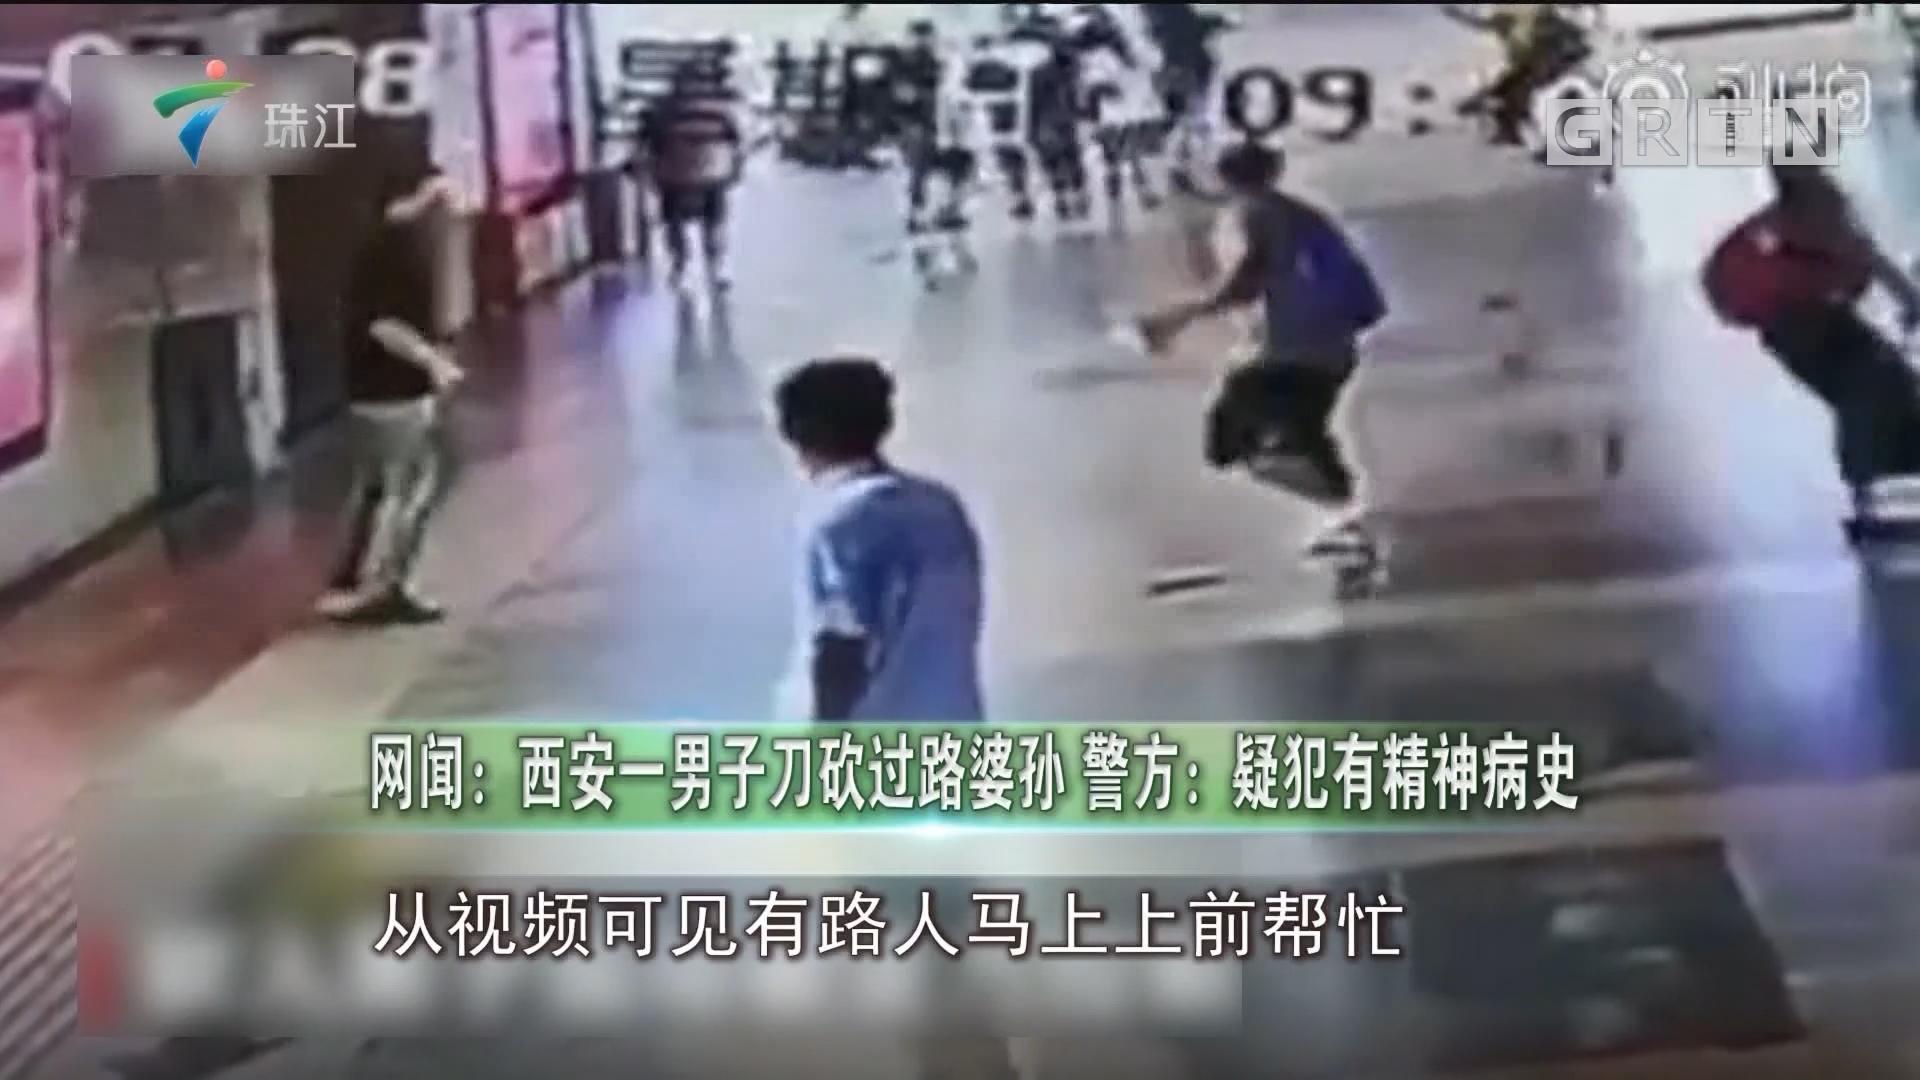 网闻:西安一男子刀砍过路婆孙 警方:疑犯有精神病史